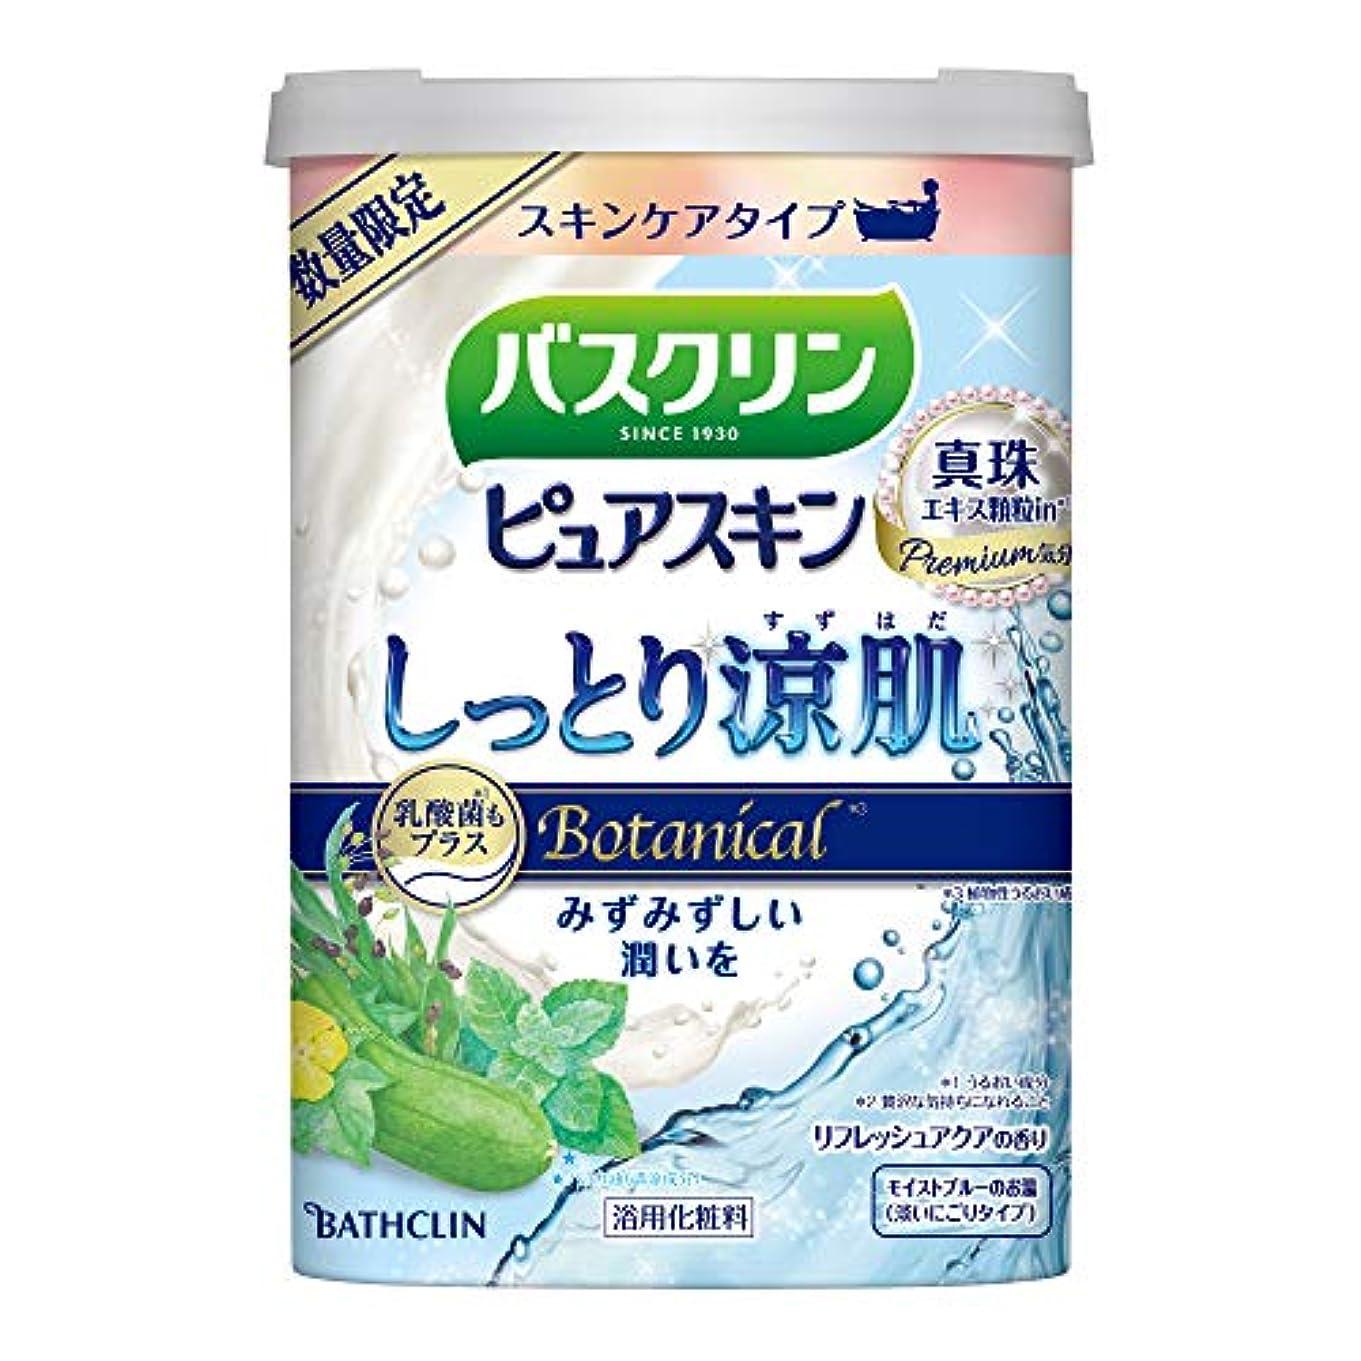 【数量限定品】バスクリンピュアスキン入浴剤 しっとり涼肌600g(約30回分) スキンケアにごりタイプ 保湿